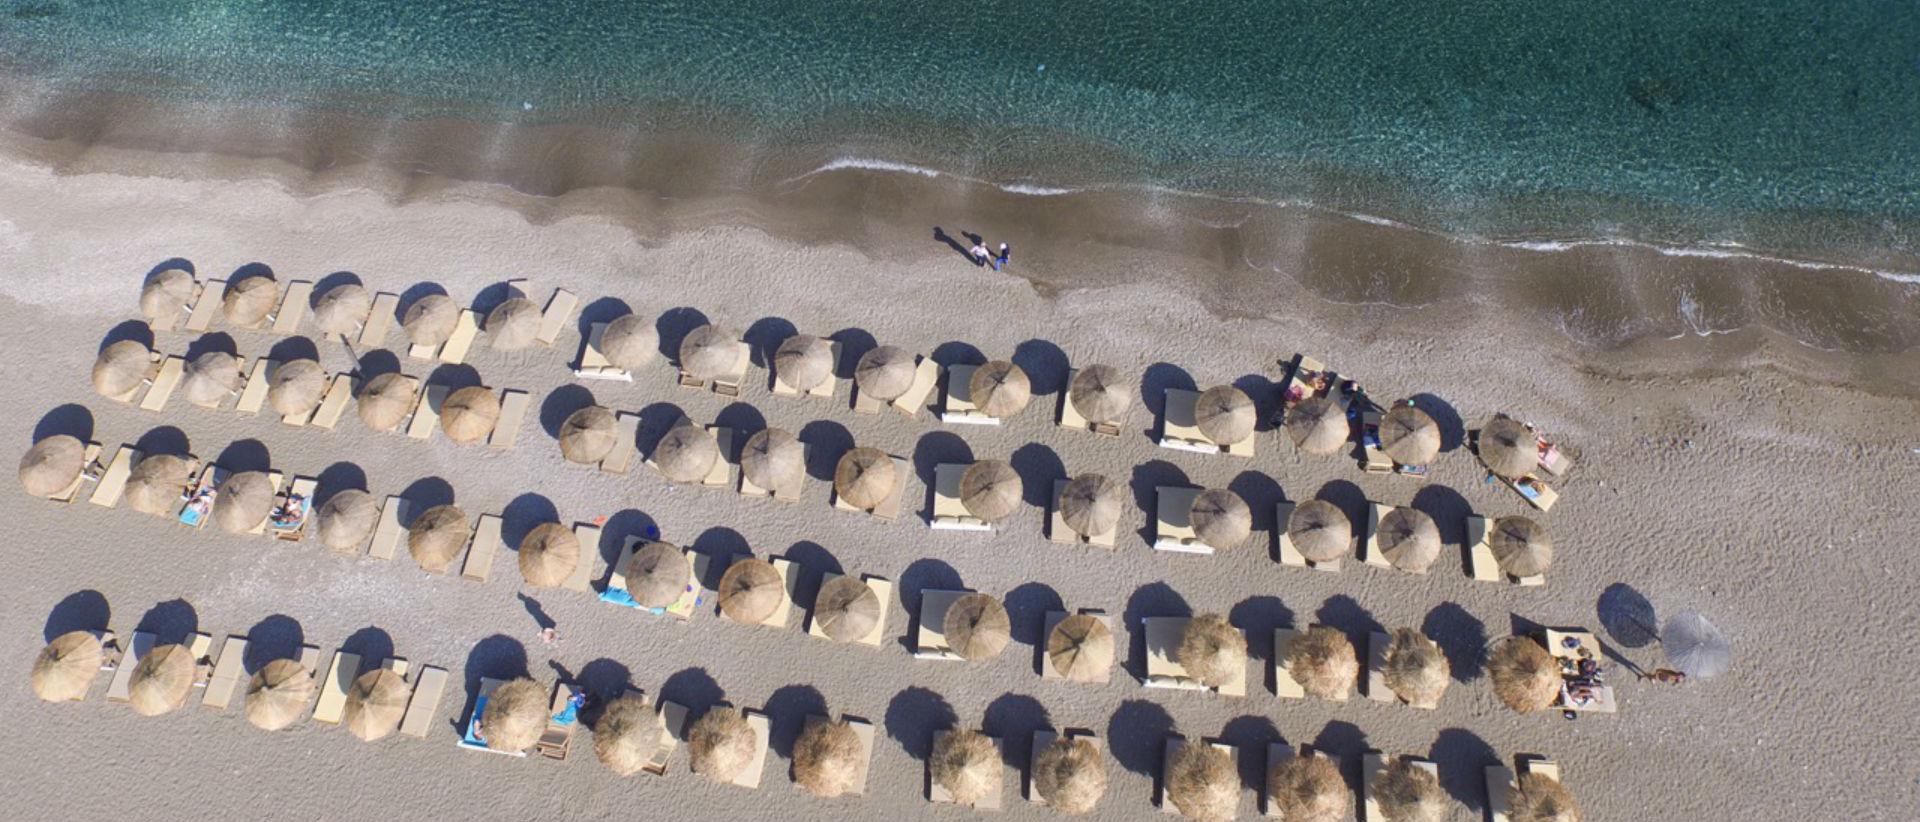 Αν αναζητάτε ηρεμία και χαλάρωση, το Spathi Beach Bar είναι το ιδανικό μέρος.